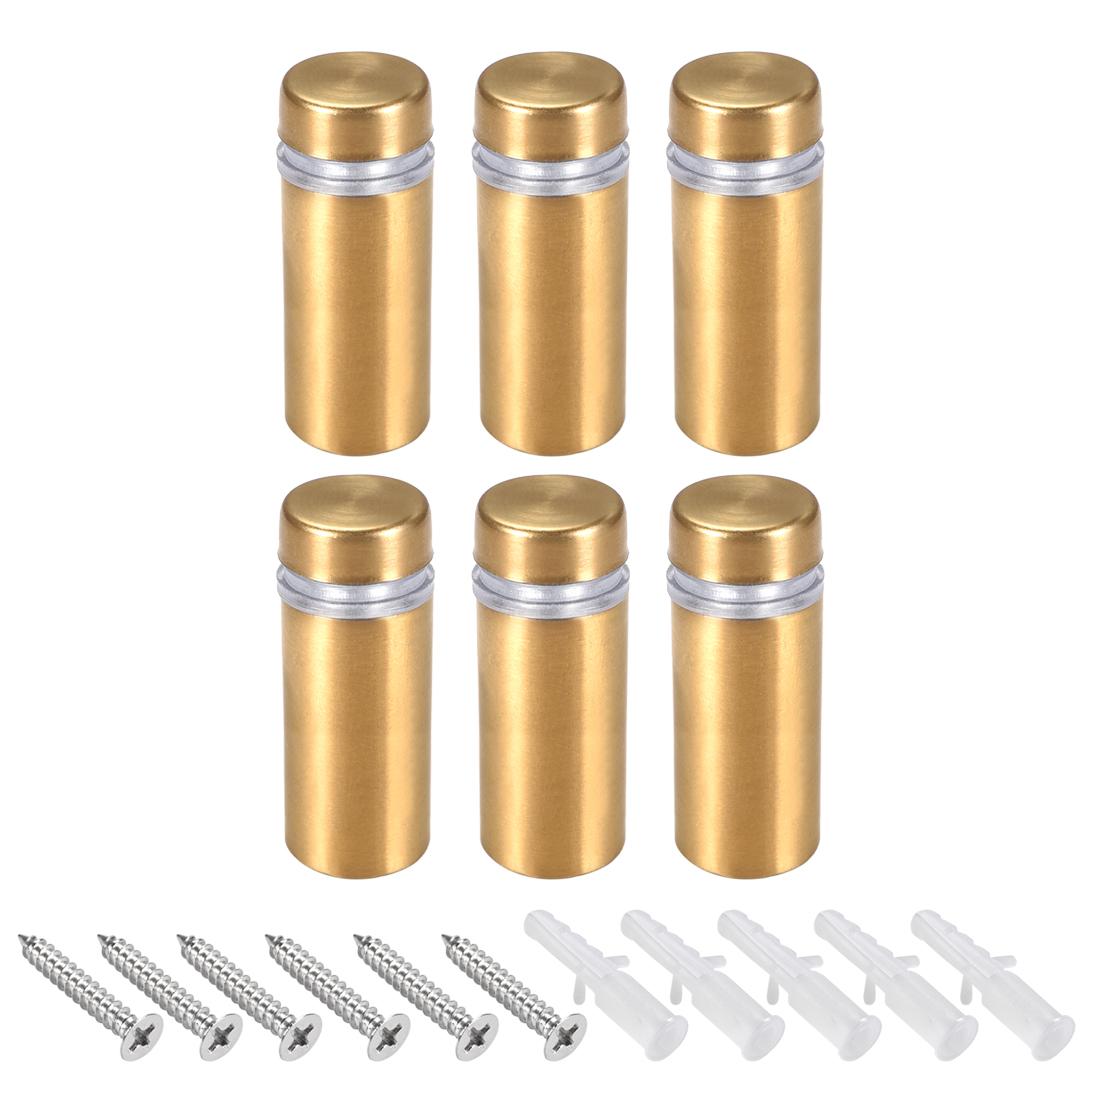 Glass Standoff Mount Wall Standoff Nails 12mm Dia 32mm Length Golden 6 Pcs